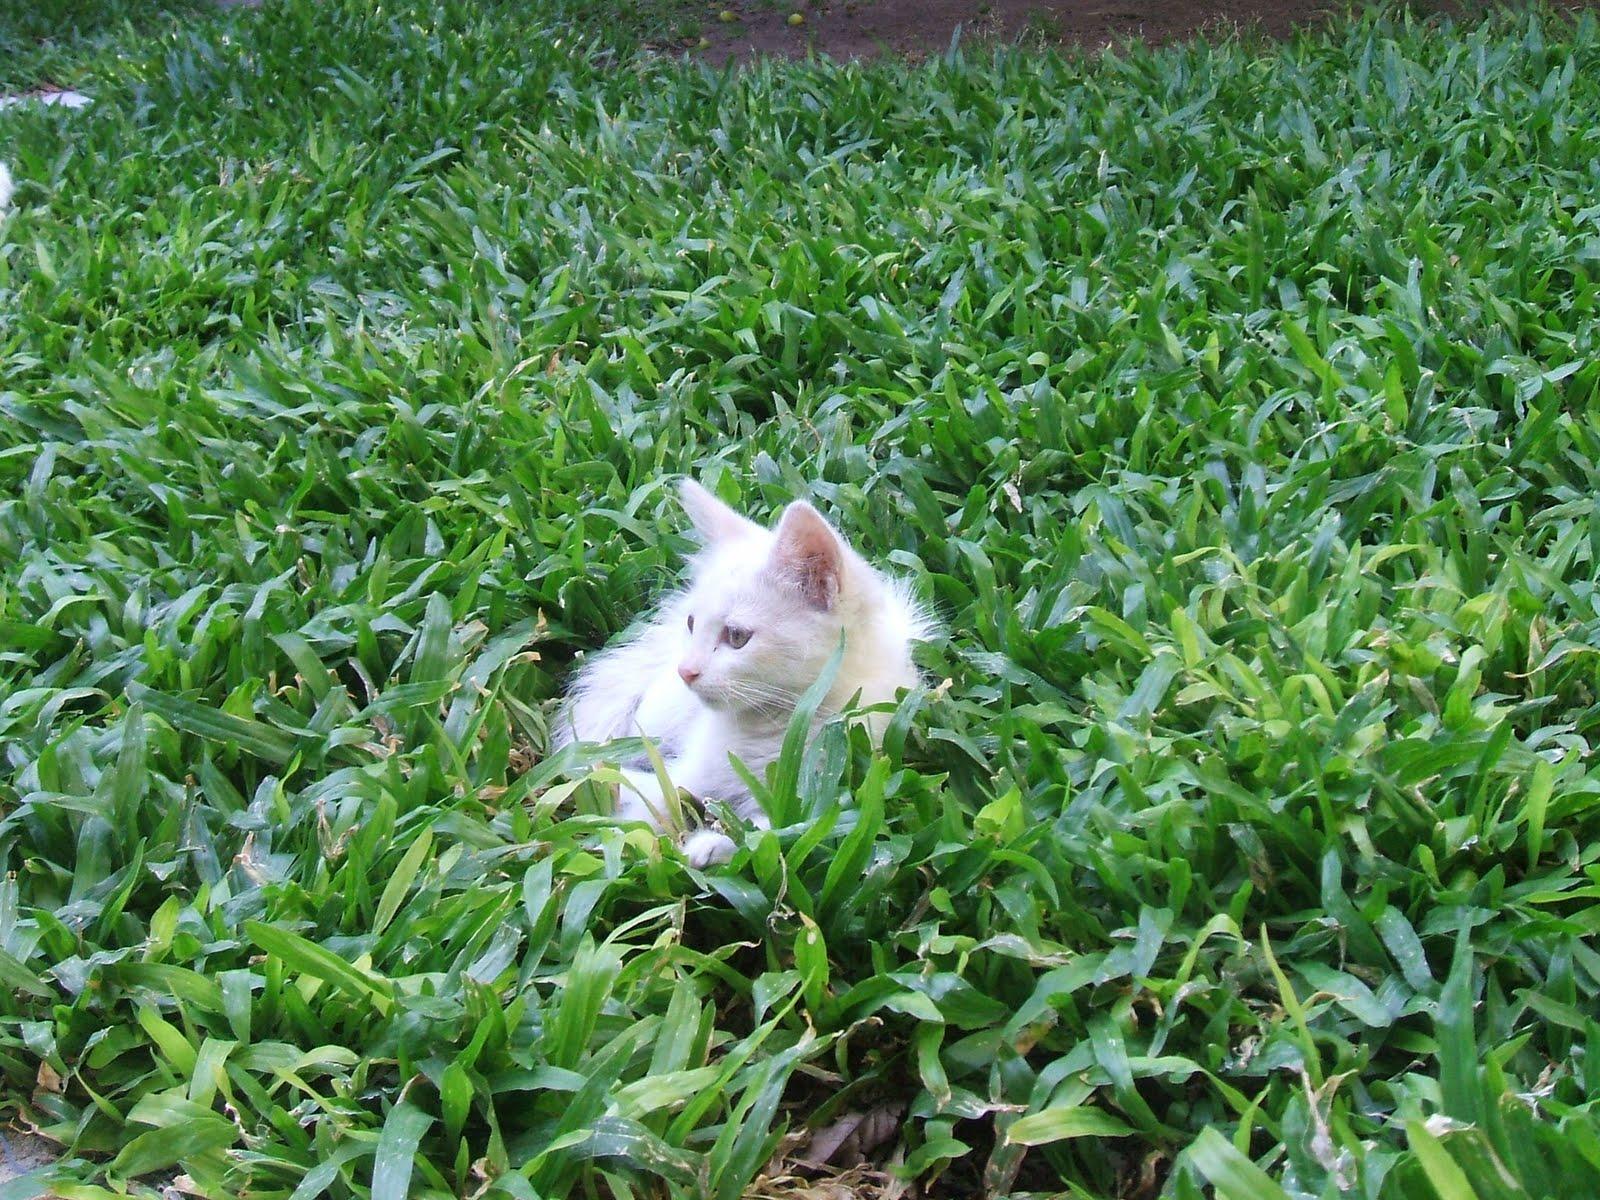 Un viejo gato azul plantas venenosas para el gato for Ahuyentar gatos del jardin